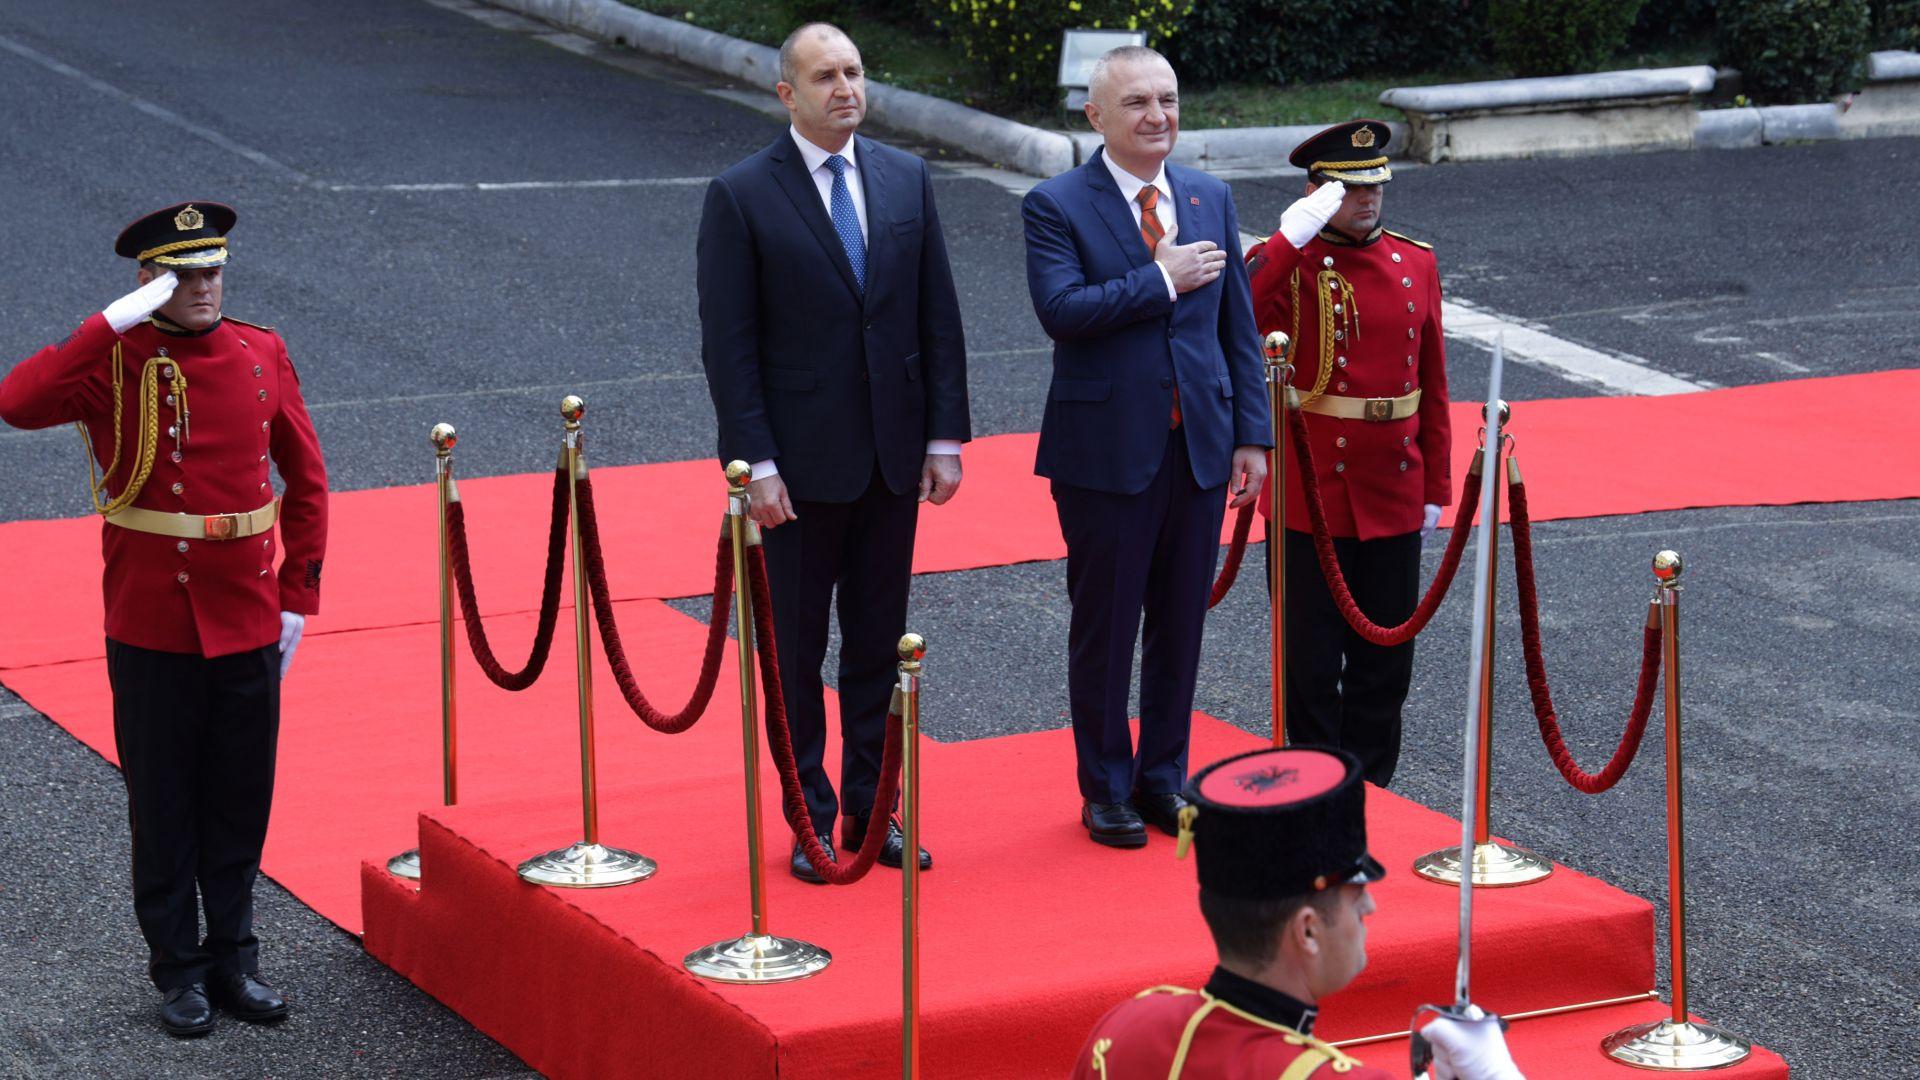 Румен Радев в Тирана: Реформи в полза на българското малцинство срещу подкрепа за влизане в ЕС